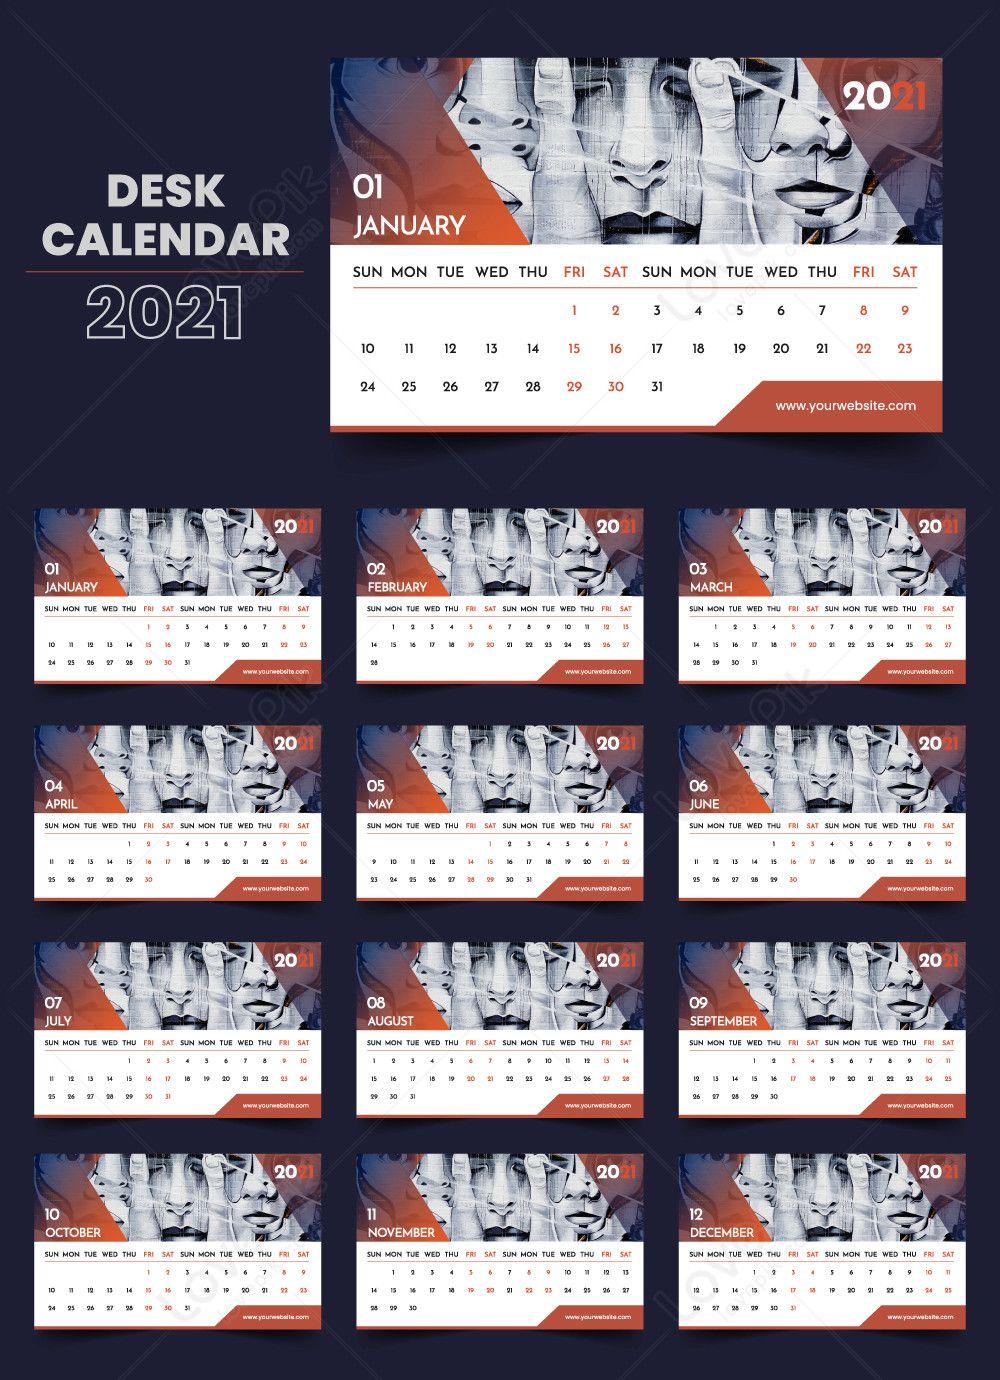 تقويم مكتبي حديث متدرج 2021 Desk Calendars Calendar Desk Calendar Template